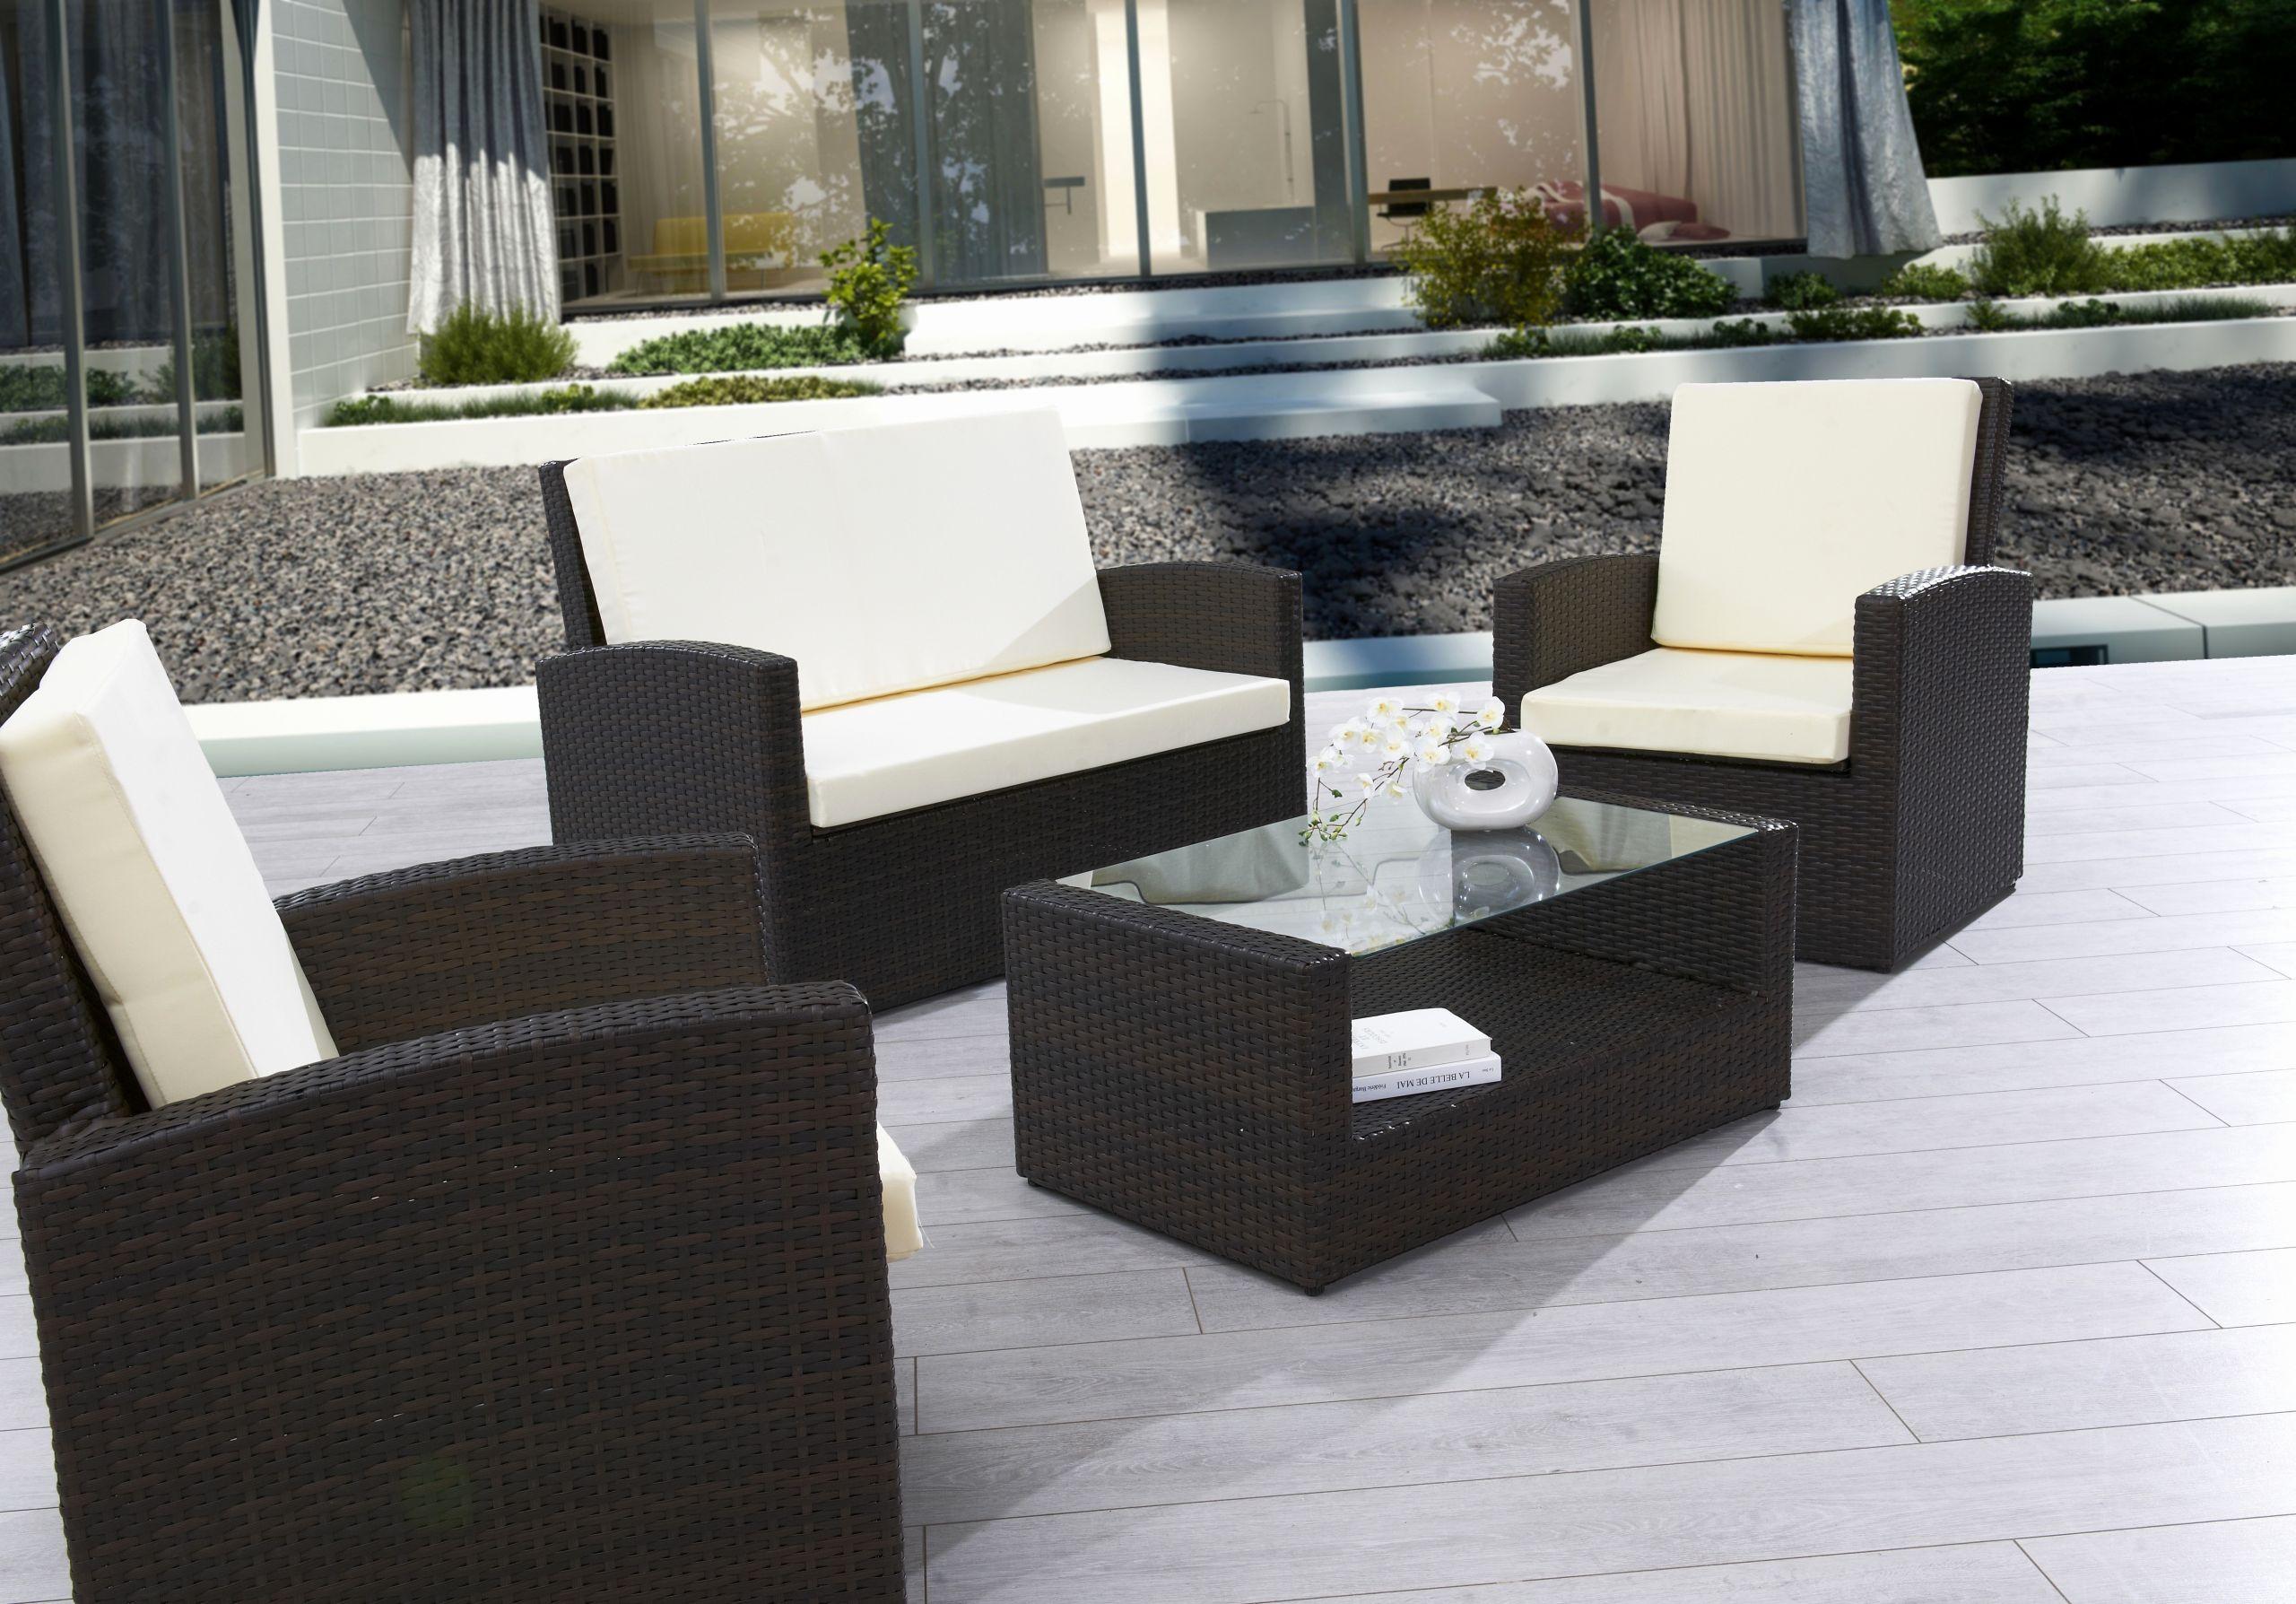 chaises de jardin i charmant salon de jardin i pour magnifique chaise chambre coussin de chaises de jardin i scaled